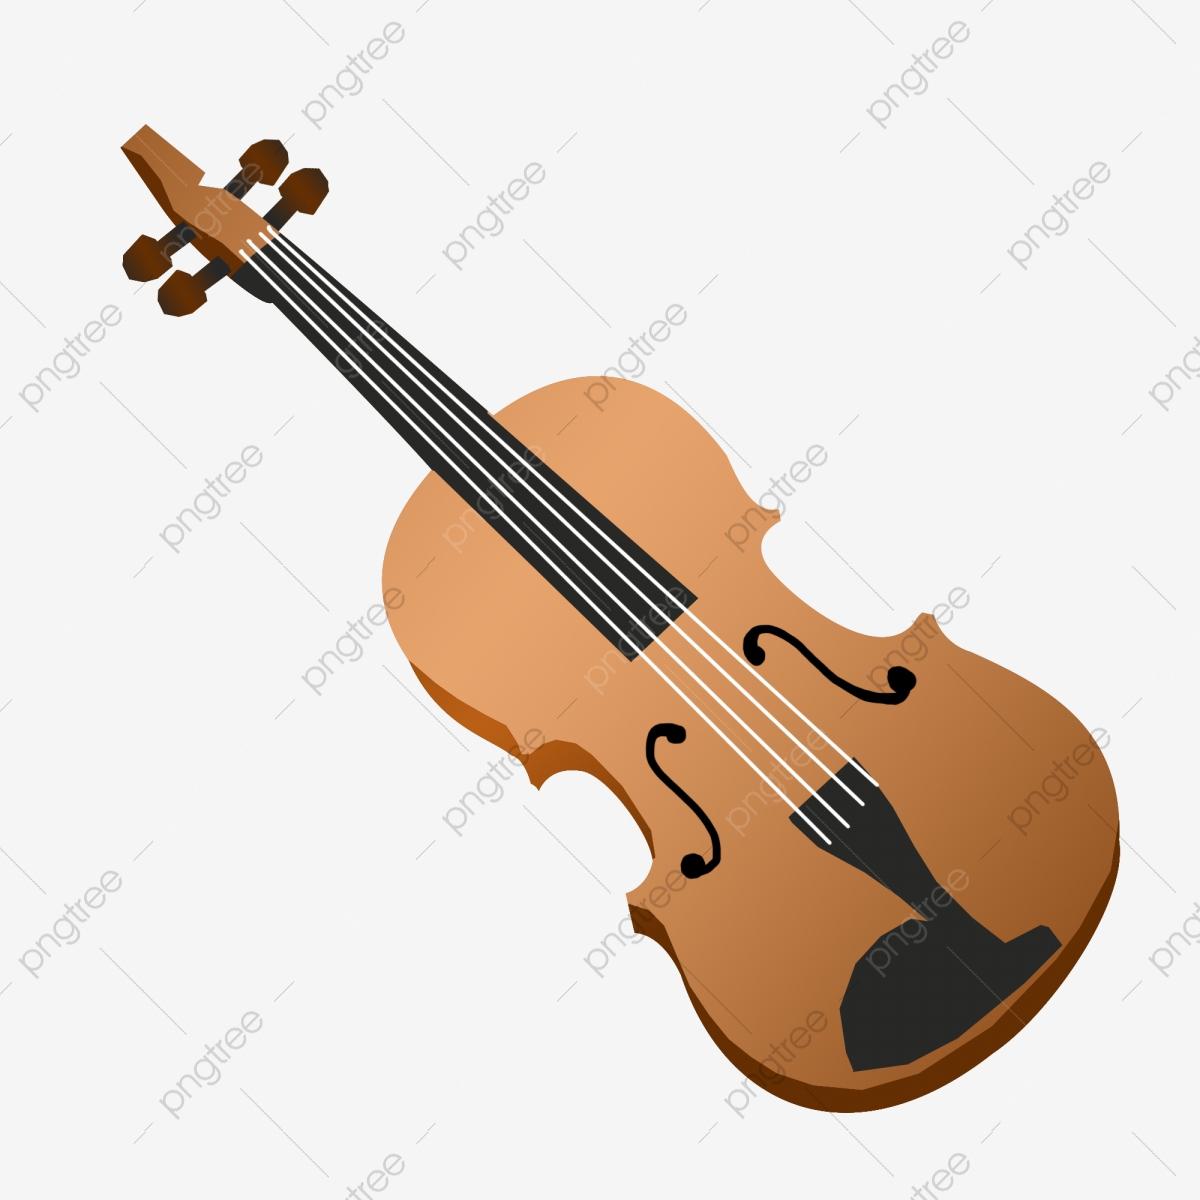 Guitare Instrument De Musique Ukulélé Instrument De Jeu, Son à Jeu Des Instruments De Musique